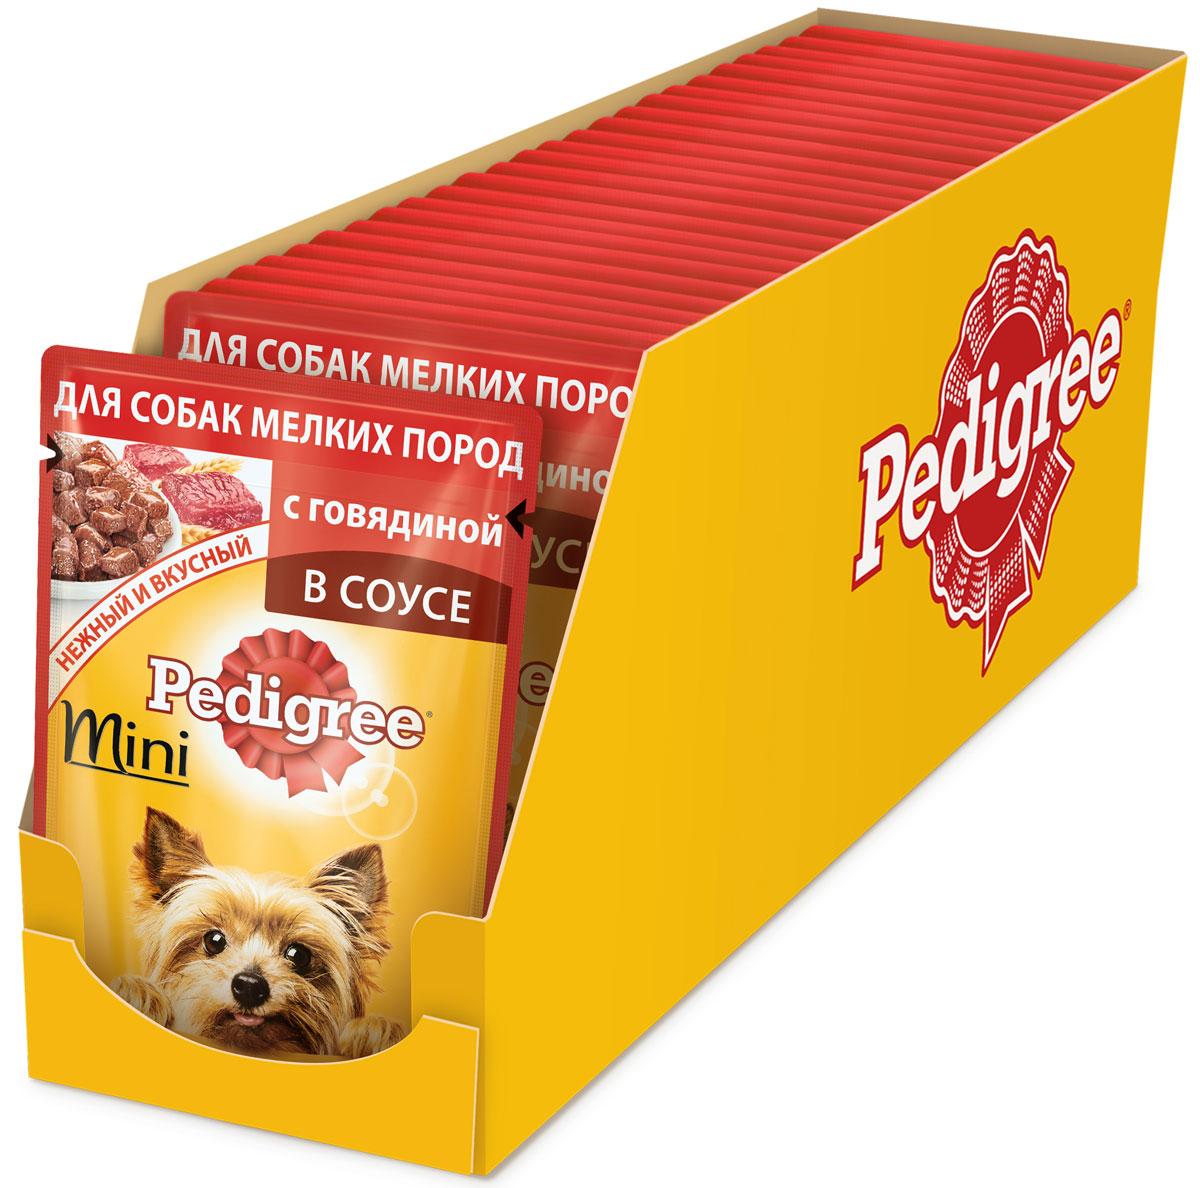 Консервы Pedigree, для взрослых собак мелких пород, с говядиной, 85 г х 24 шт42903